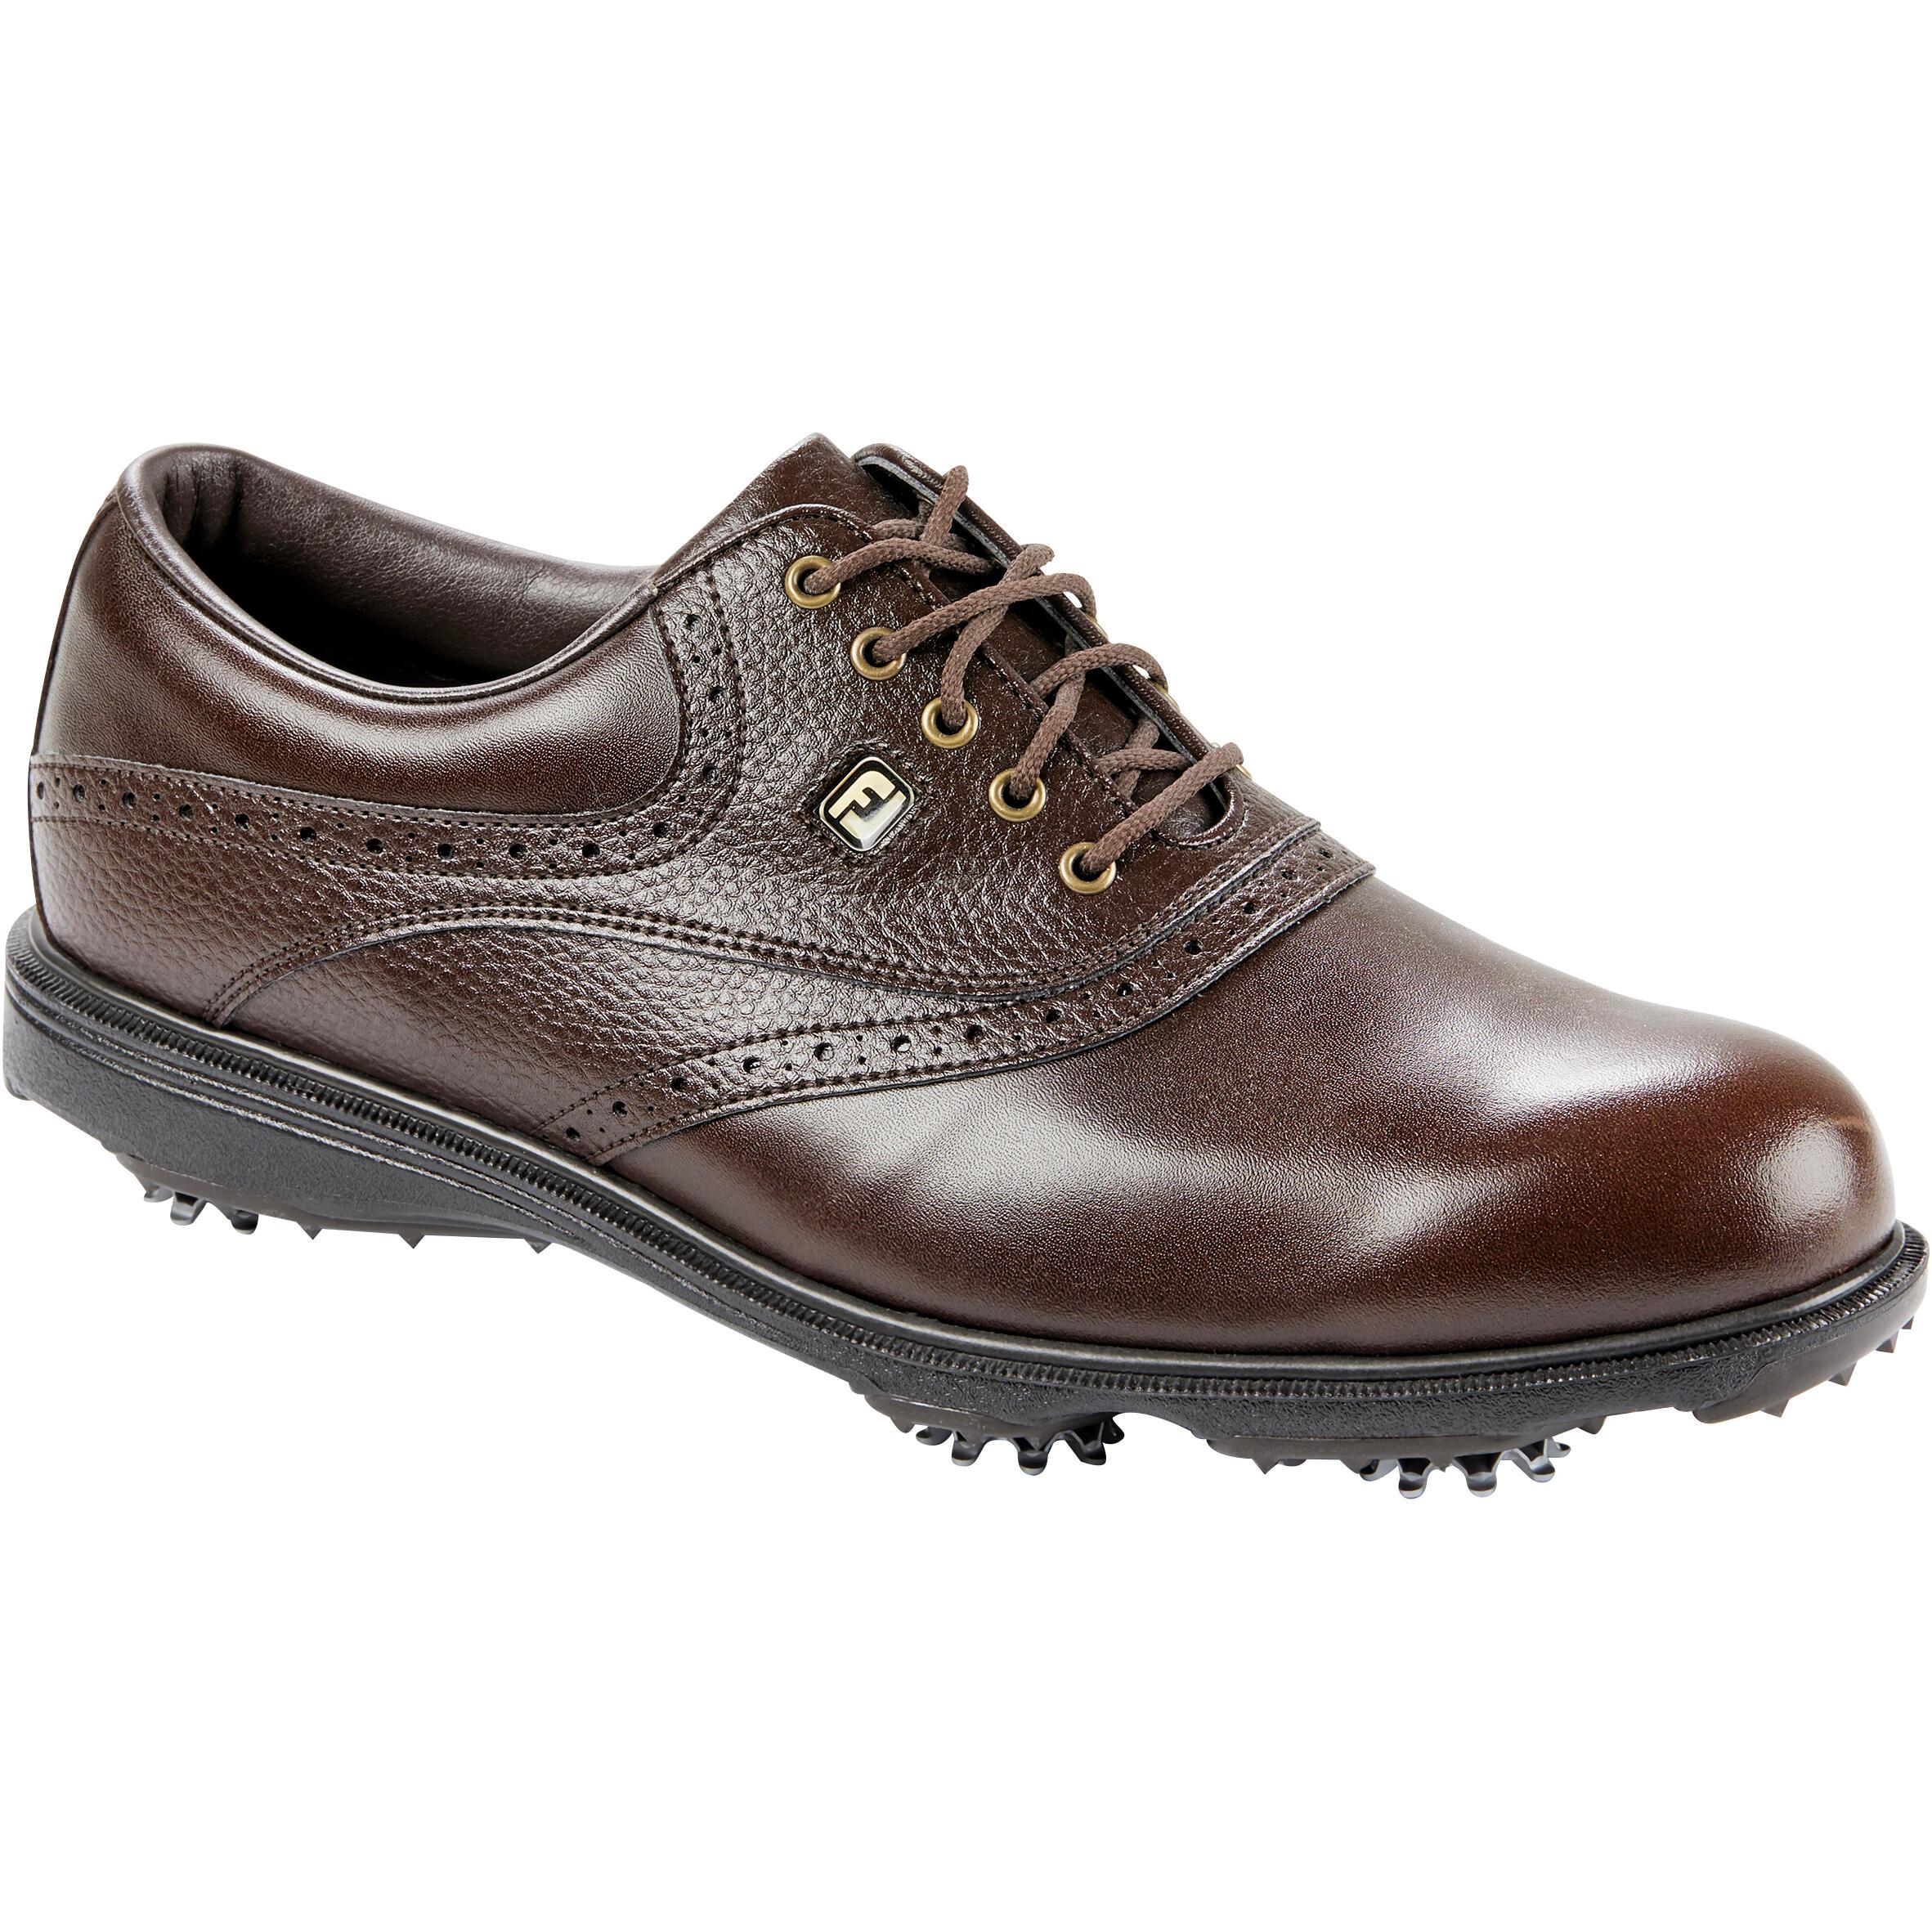 dbfafd6f Comprar Zapatos de Golf online | Decathlon